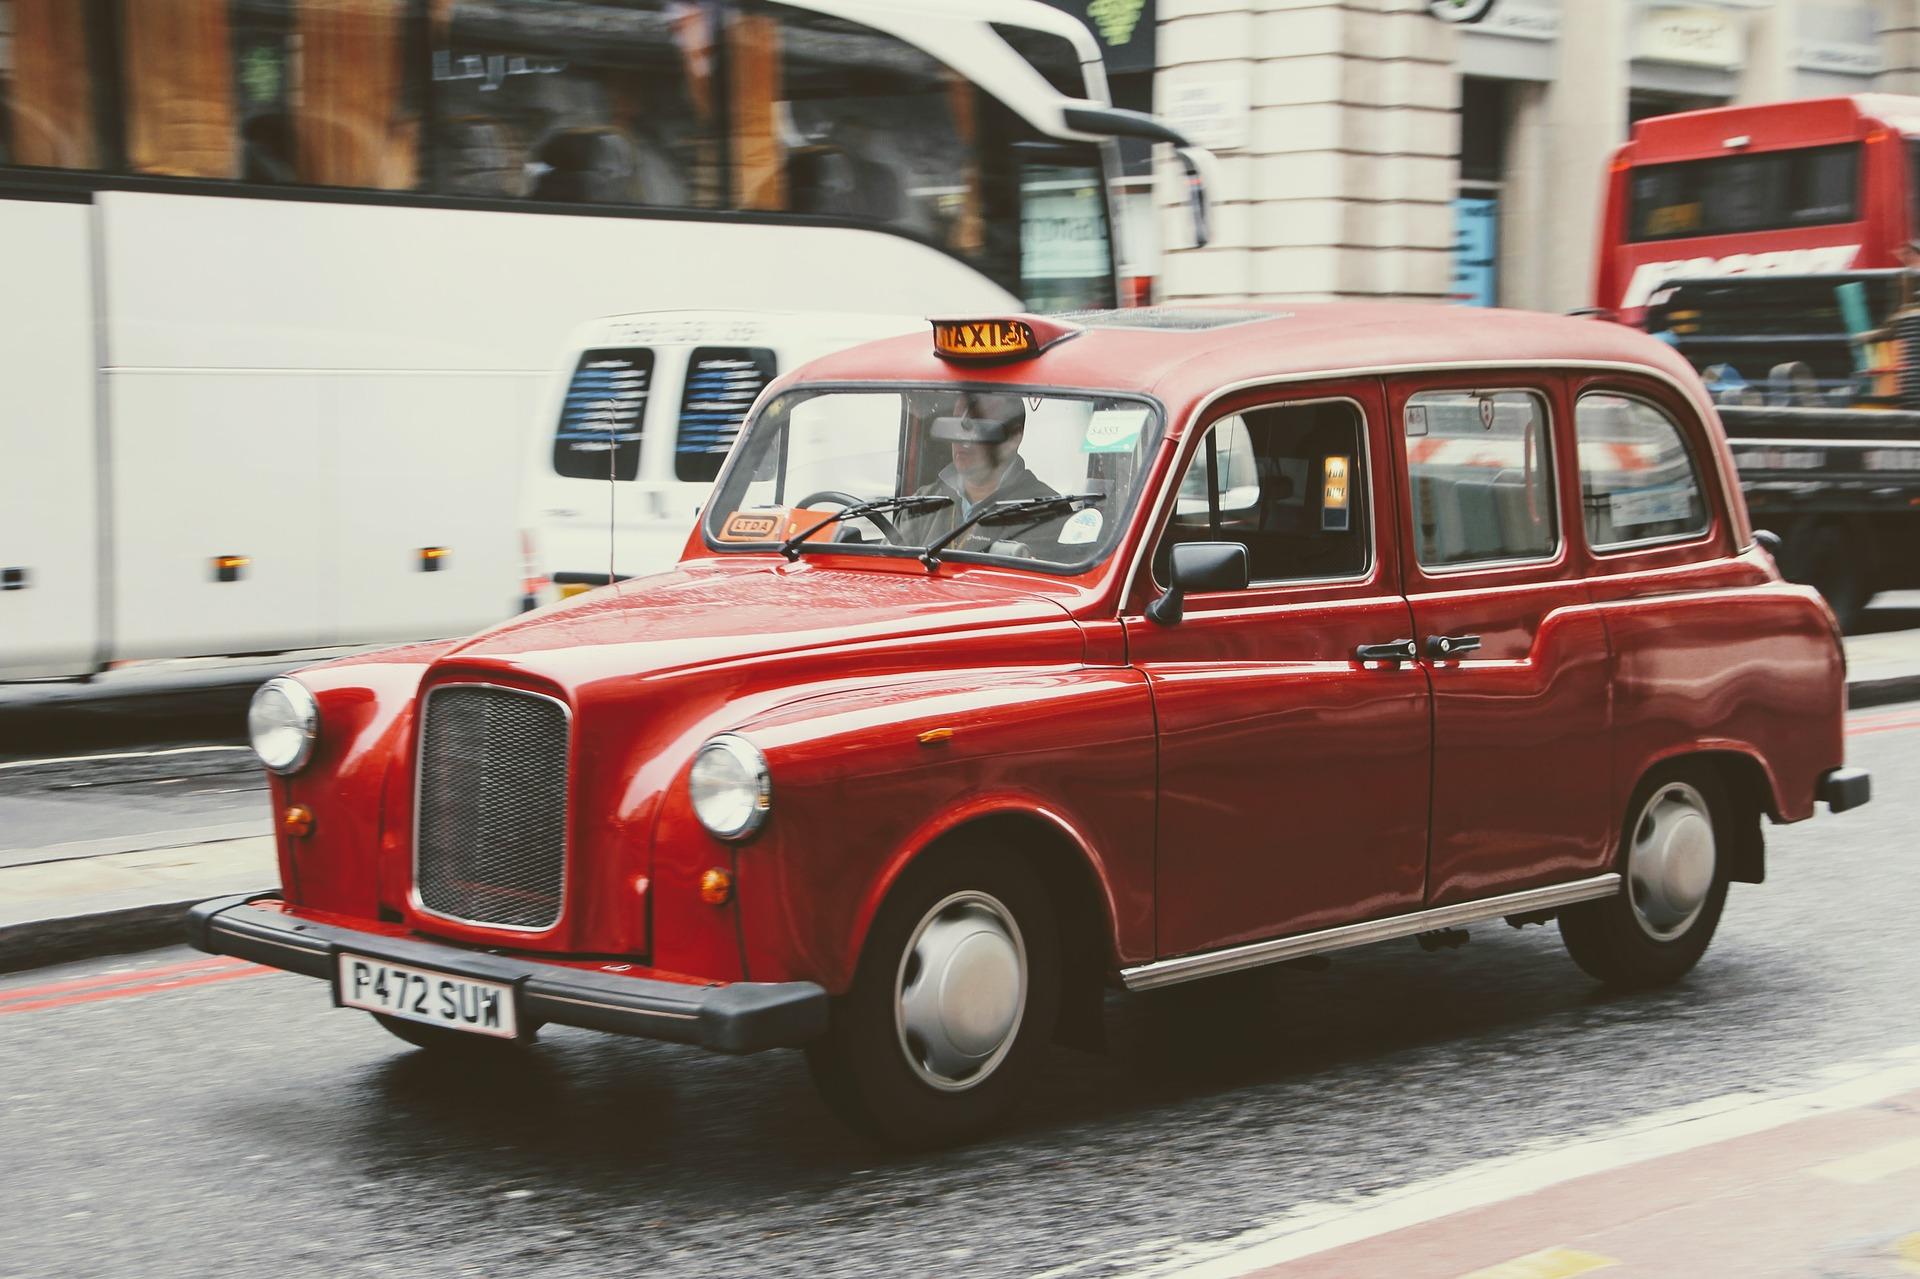 taxi-1932107_1920.jpg